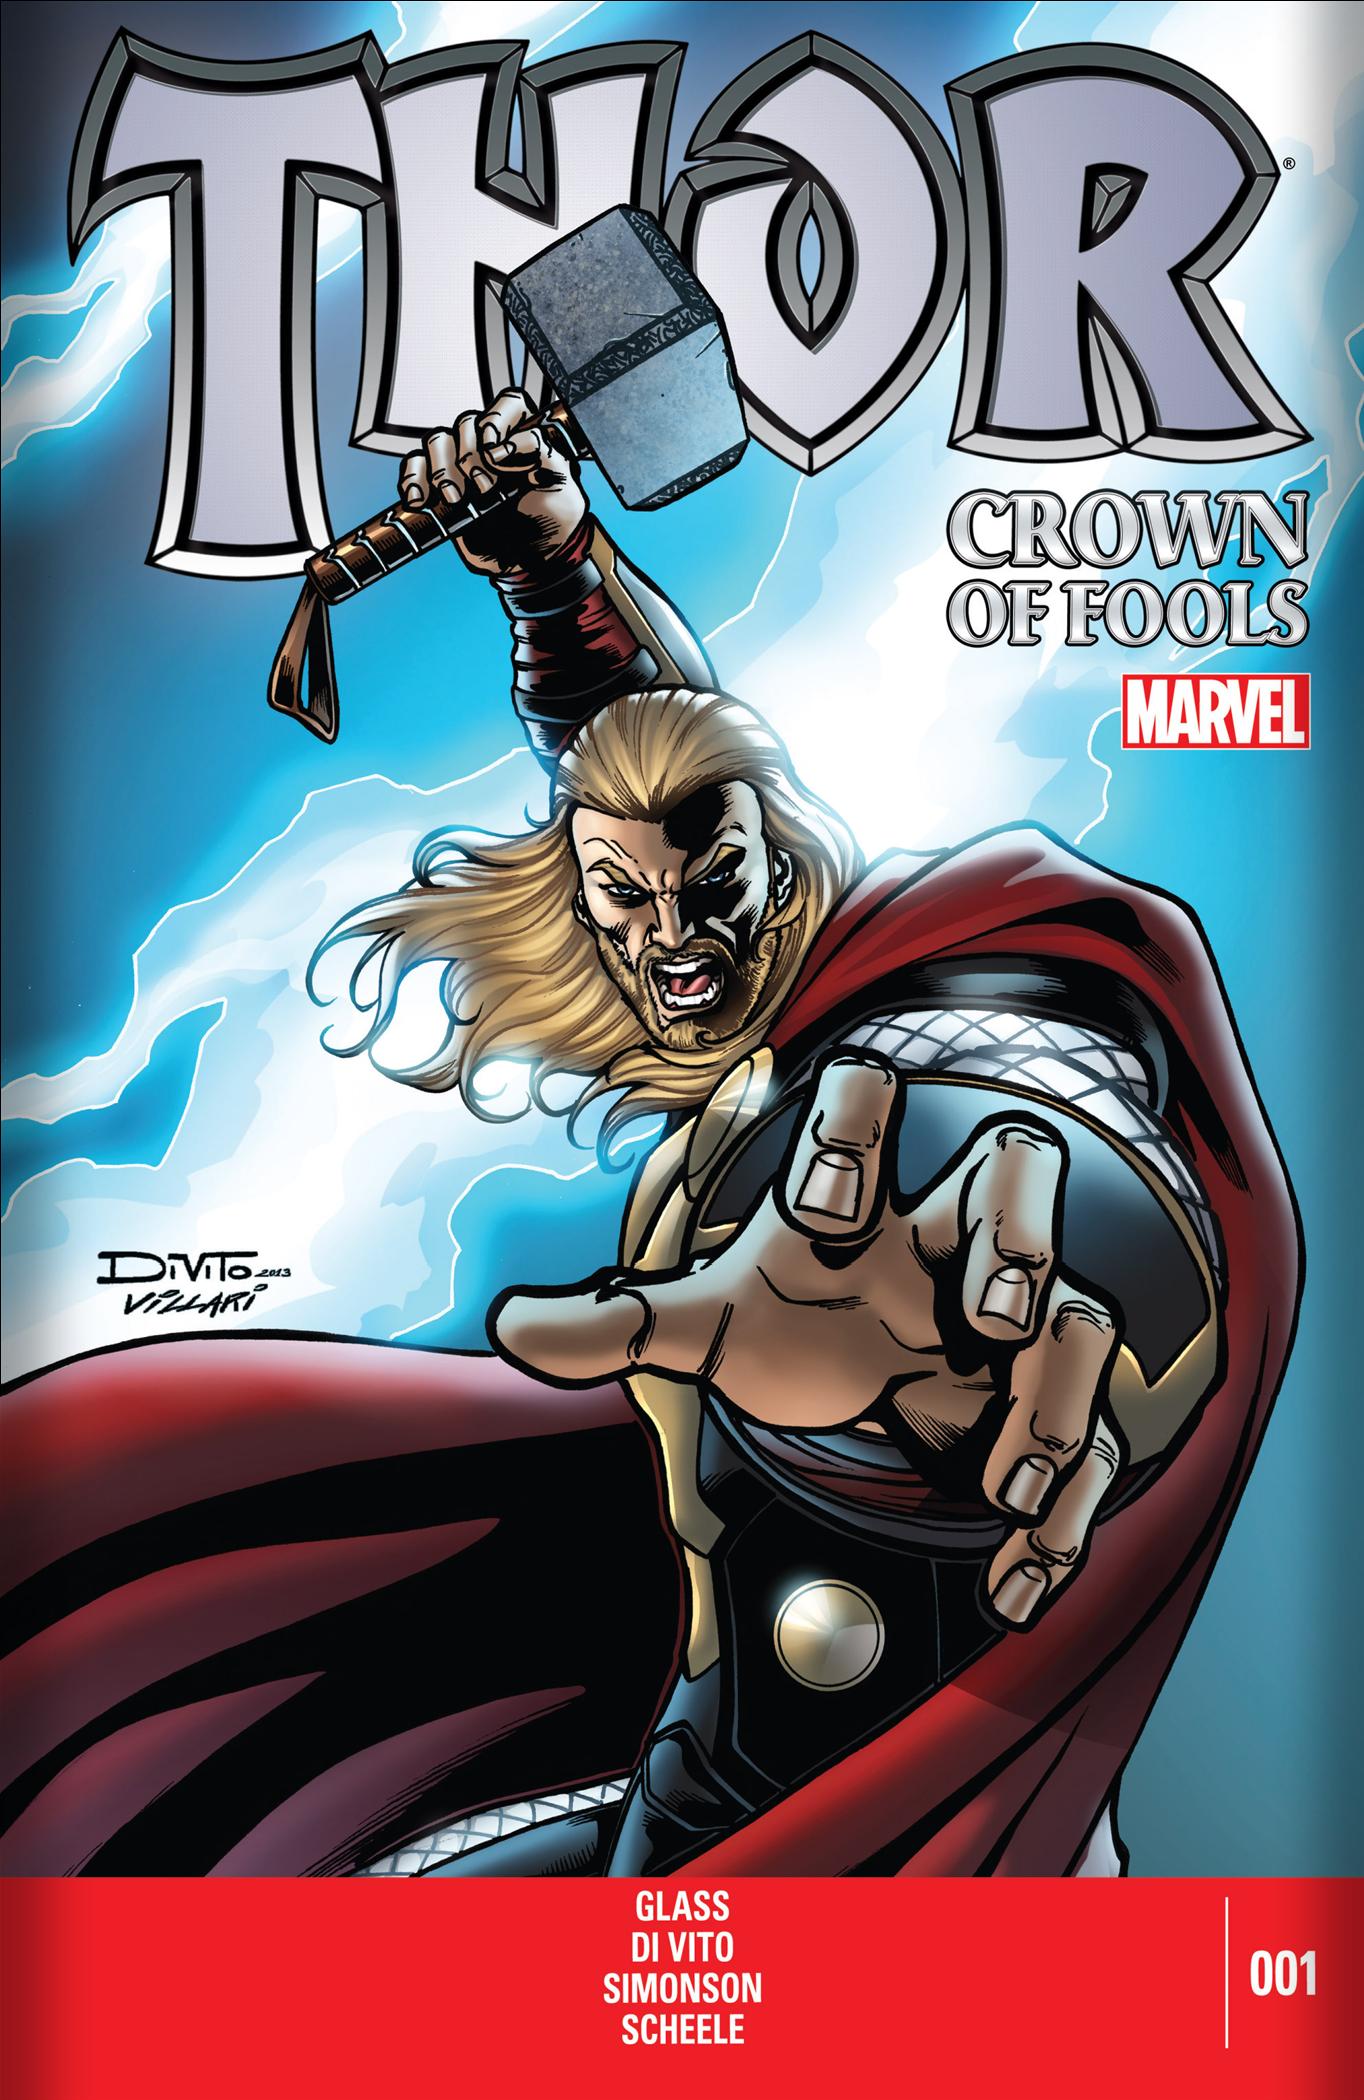 Thor Crown of Fools.png